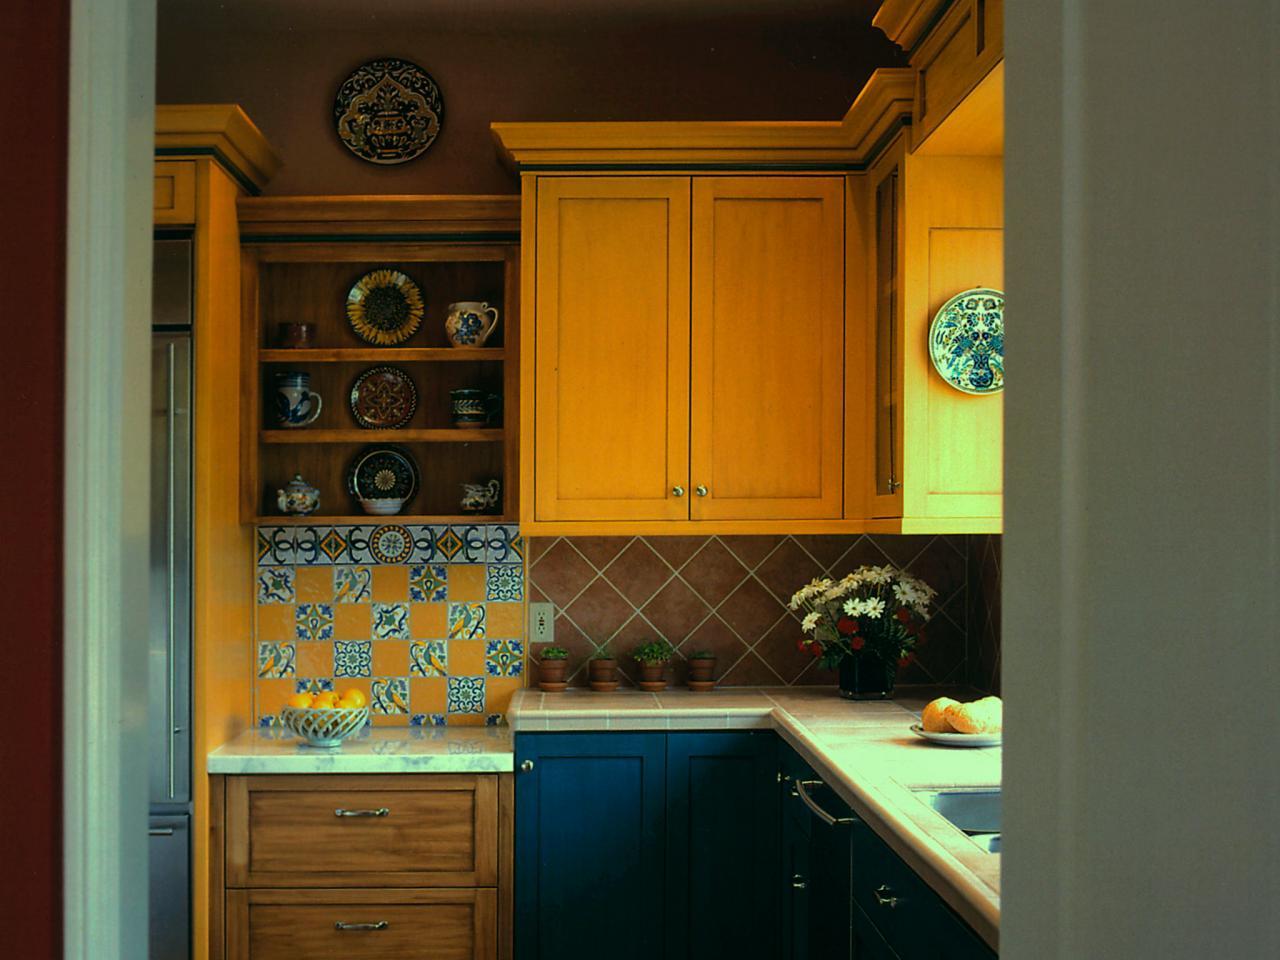 Italian style kitchen cabinets - Italian Kitchen Design